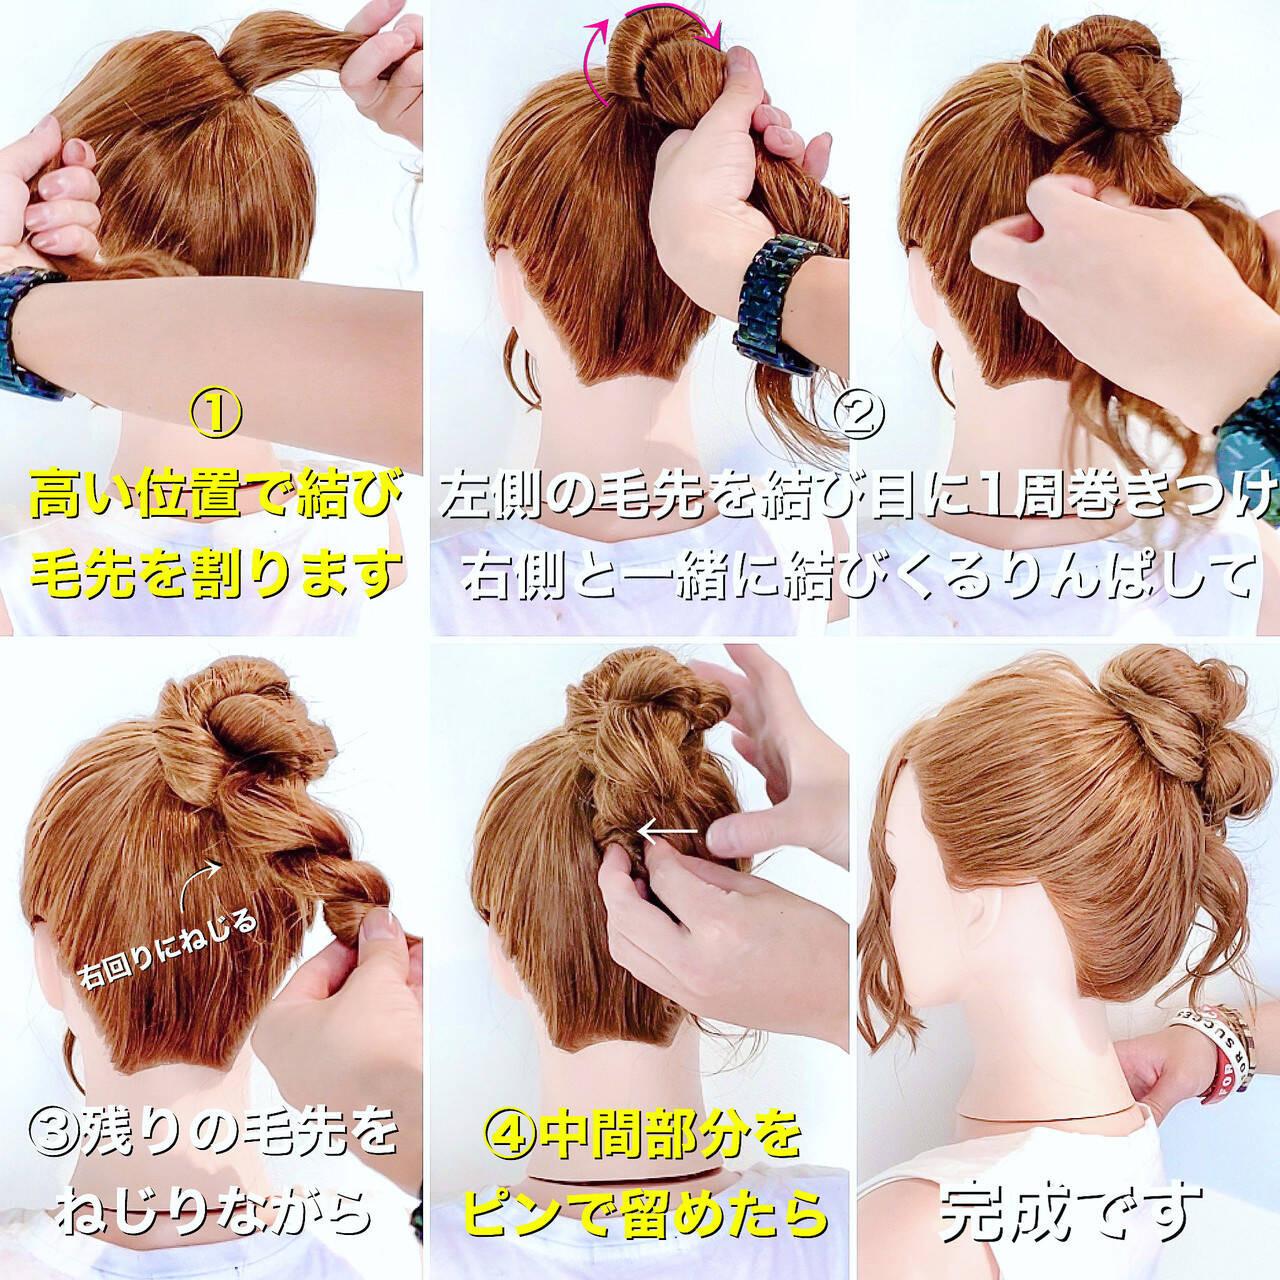 ふんわりだけど崩れないお団子 美容師HIRO/Amoute代表  Amoute/アムティ